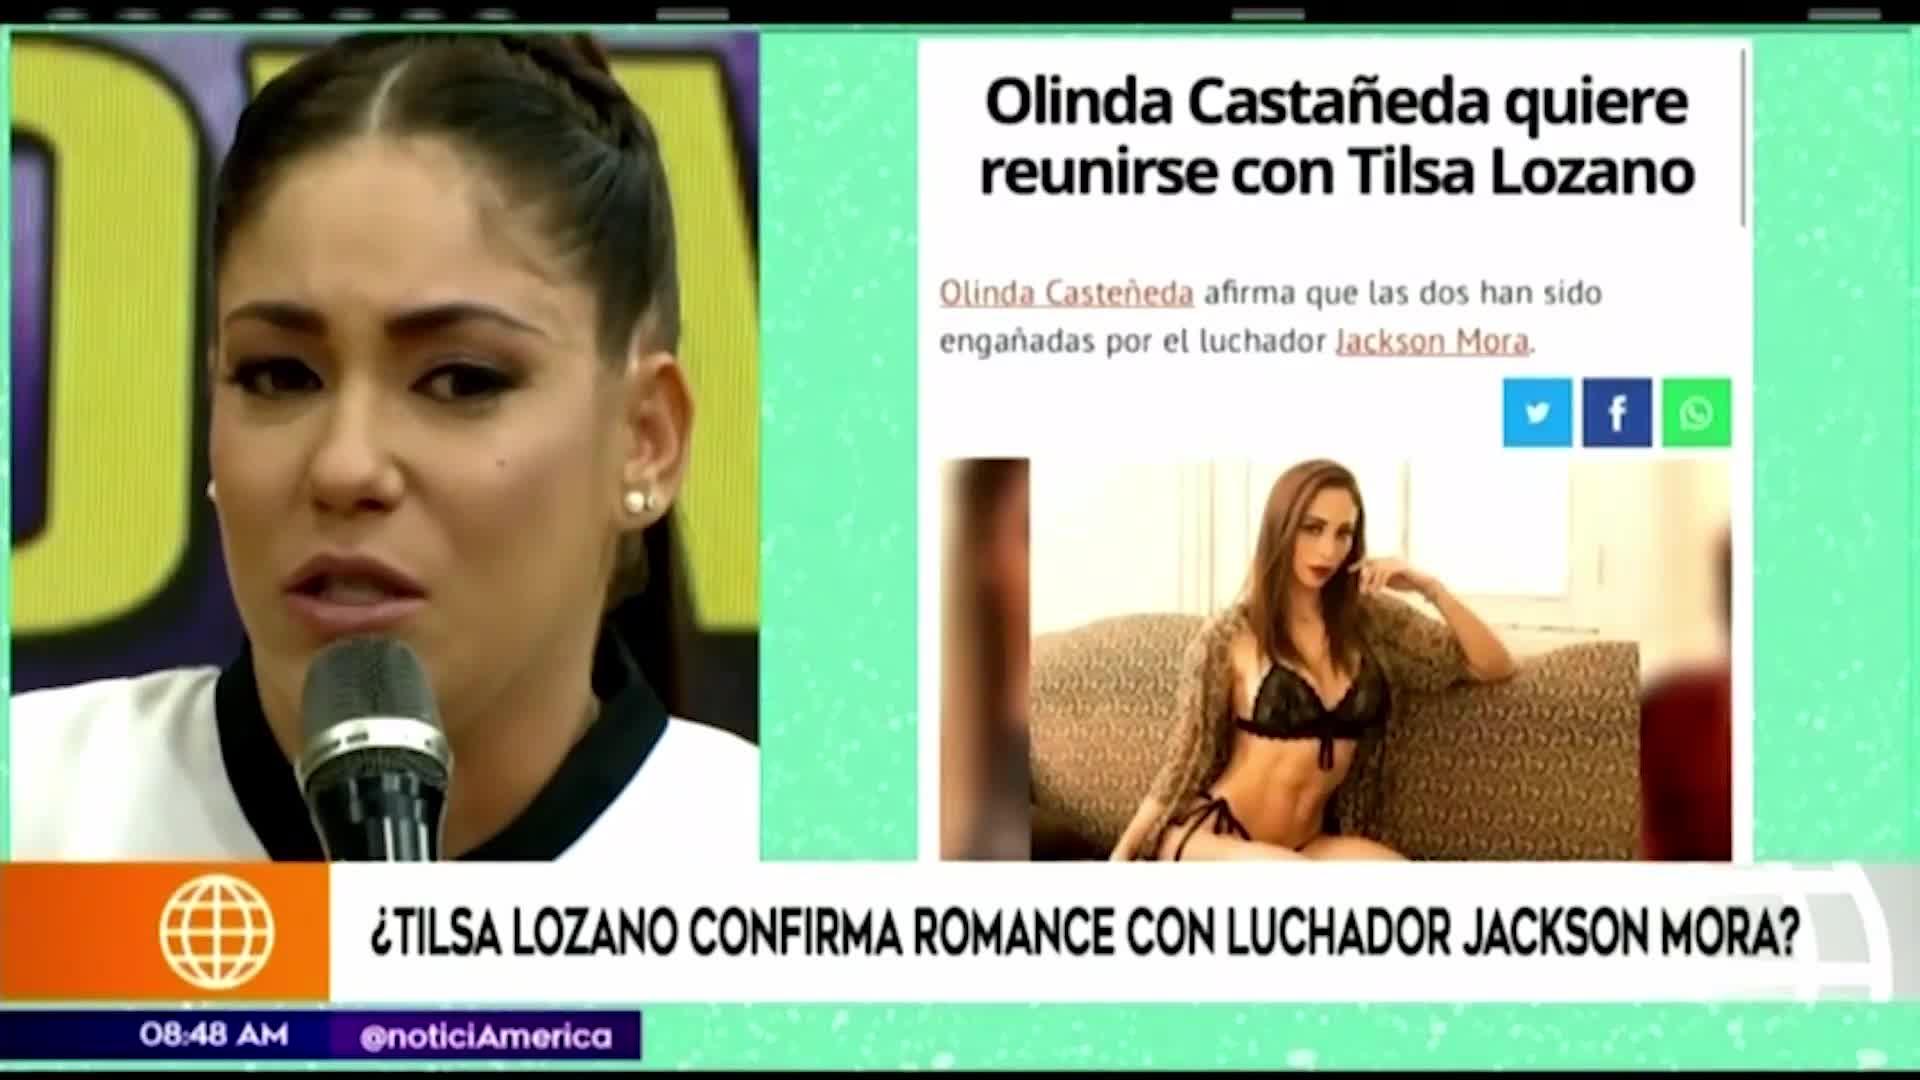 Tilsa Lozano habría iniciado un romance con el luchador Jackson Mora